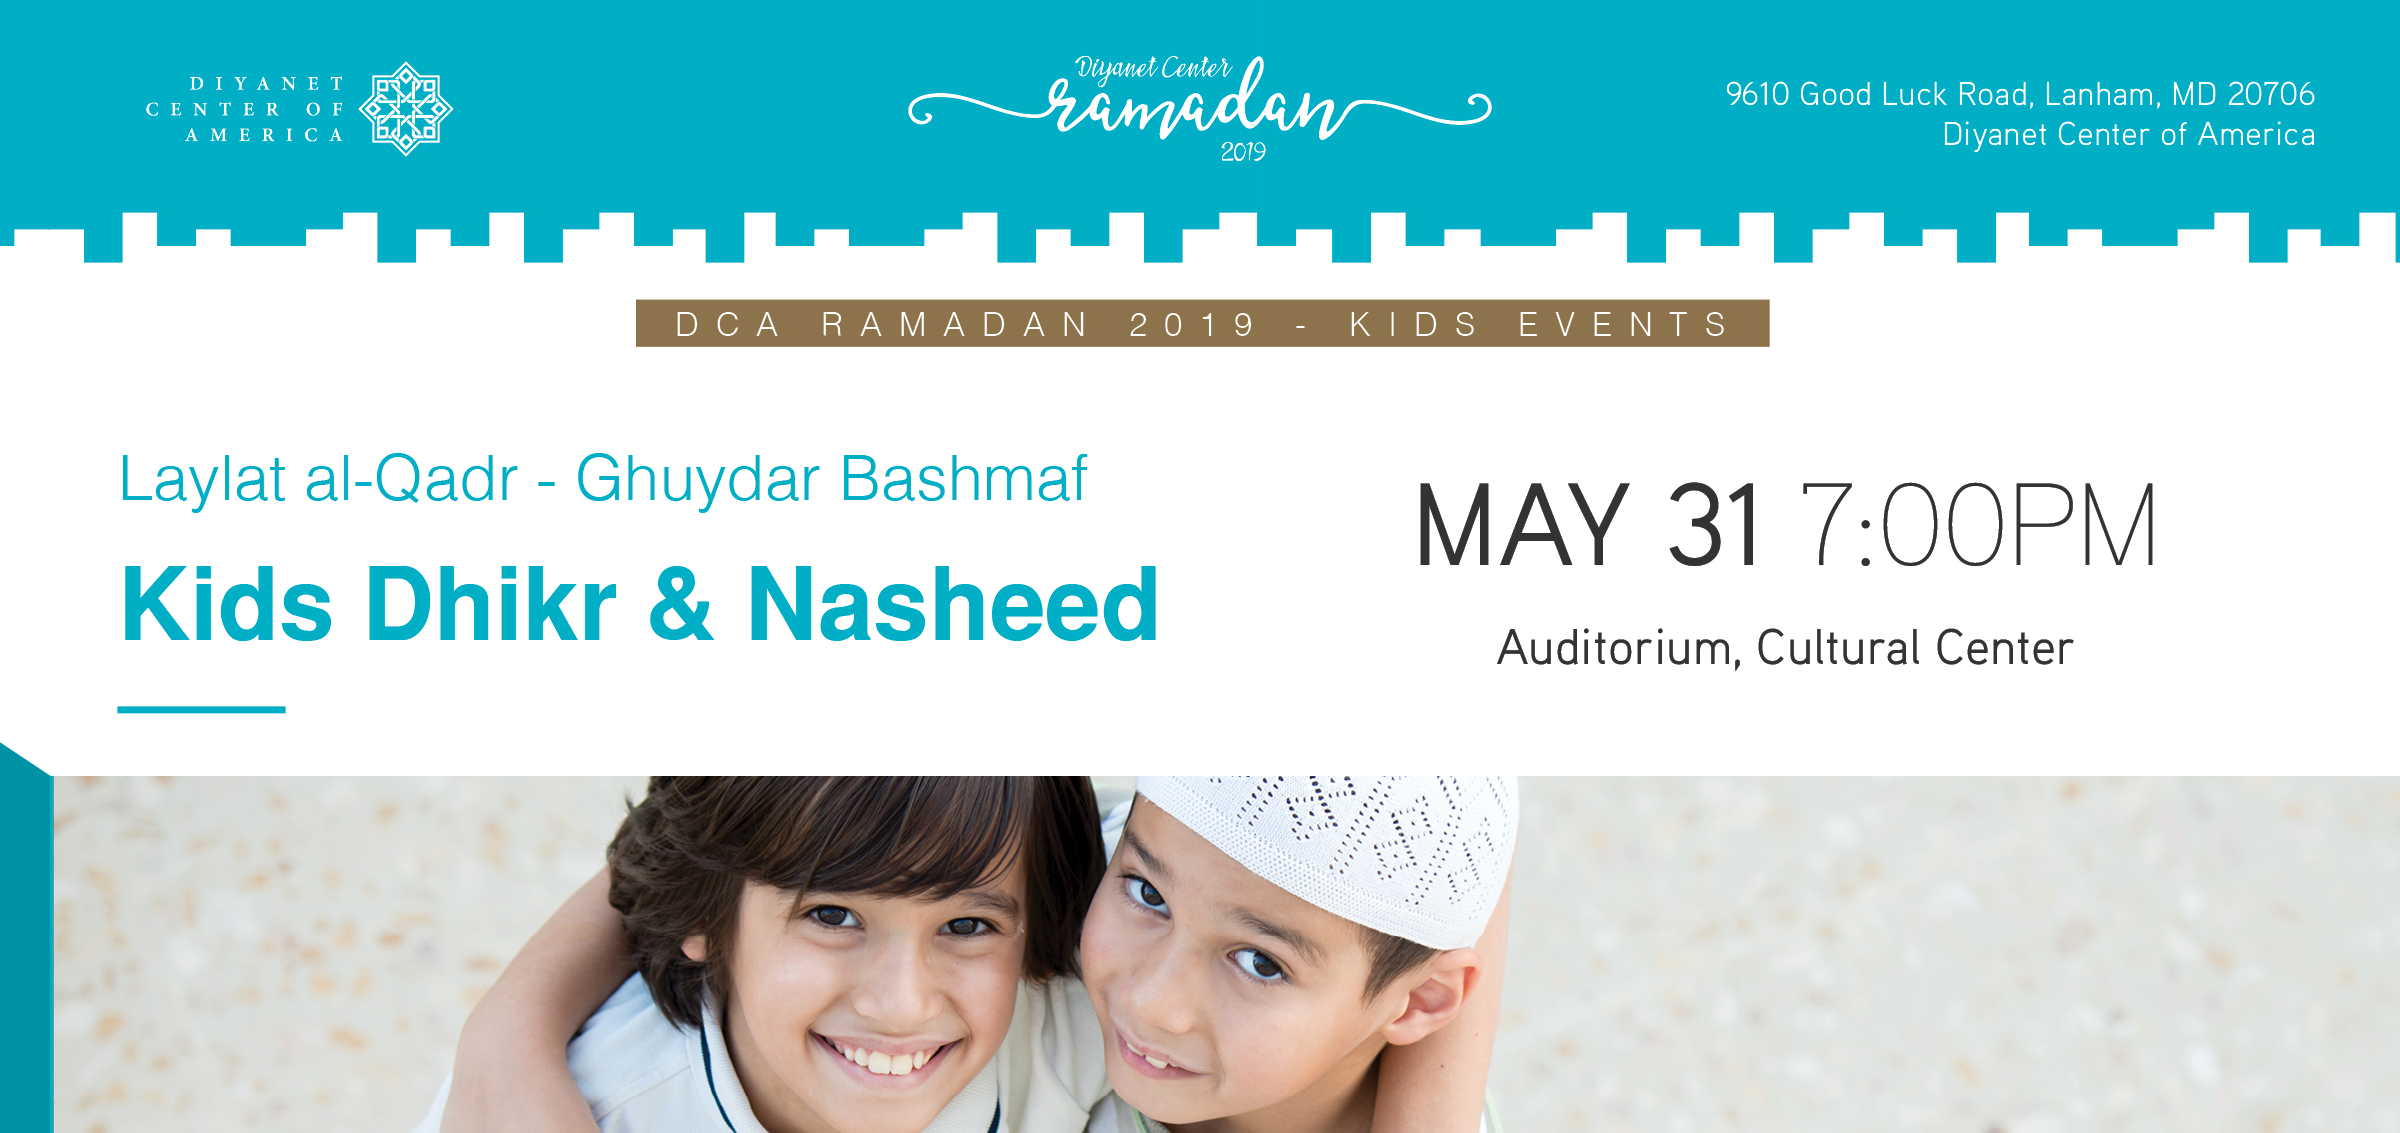 Dhikr & Nasheed Workshop For Kids